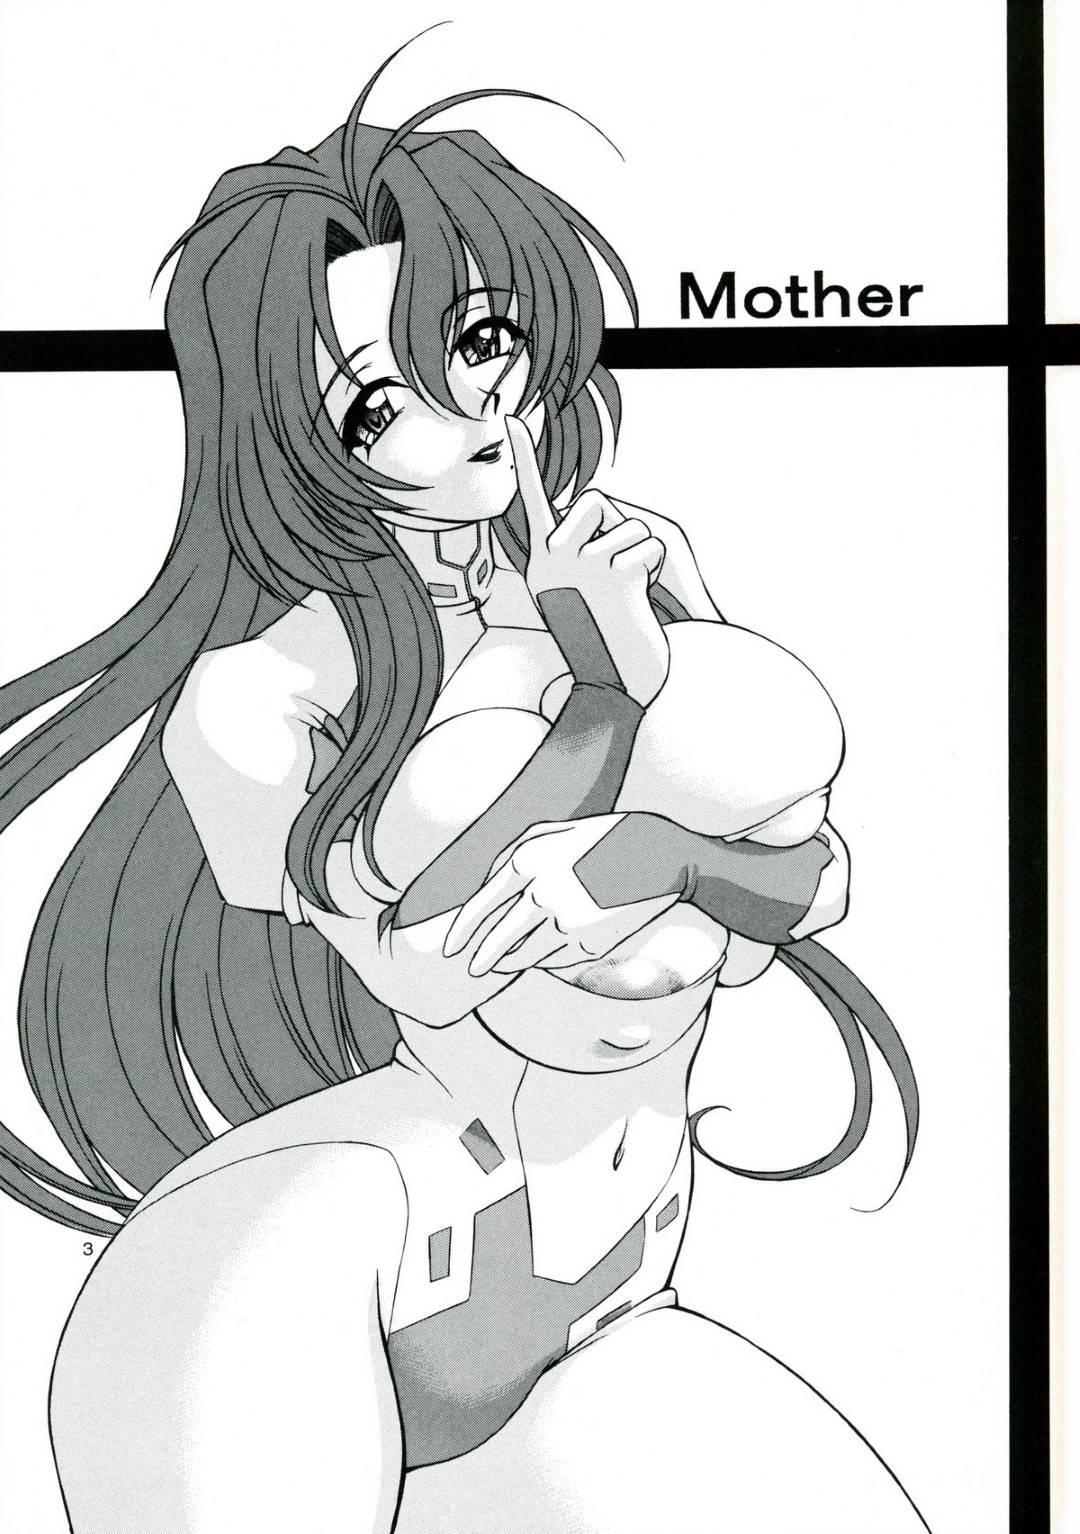 イチャイチャと全裸で誘惑してくる美人な美女とそのセクシーな母親…乳首責めされたり中出しセックスしたり3Pでイチャラブしちゃう!【秋葉わたる:Mother -Re Edition-】